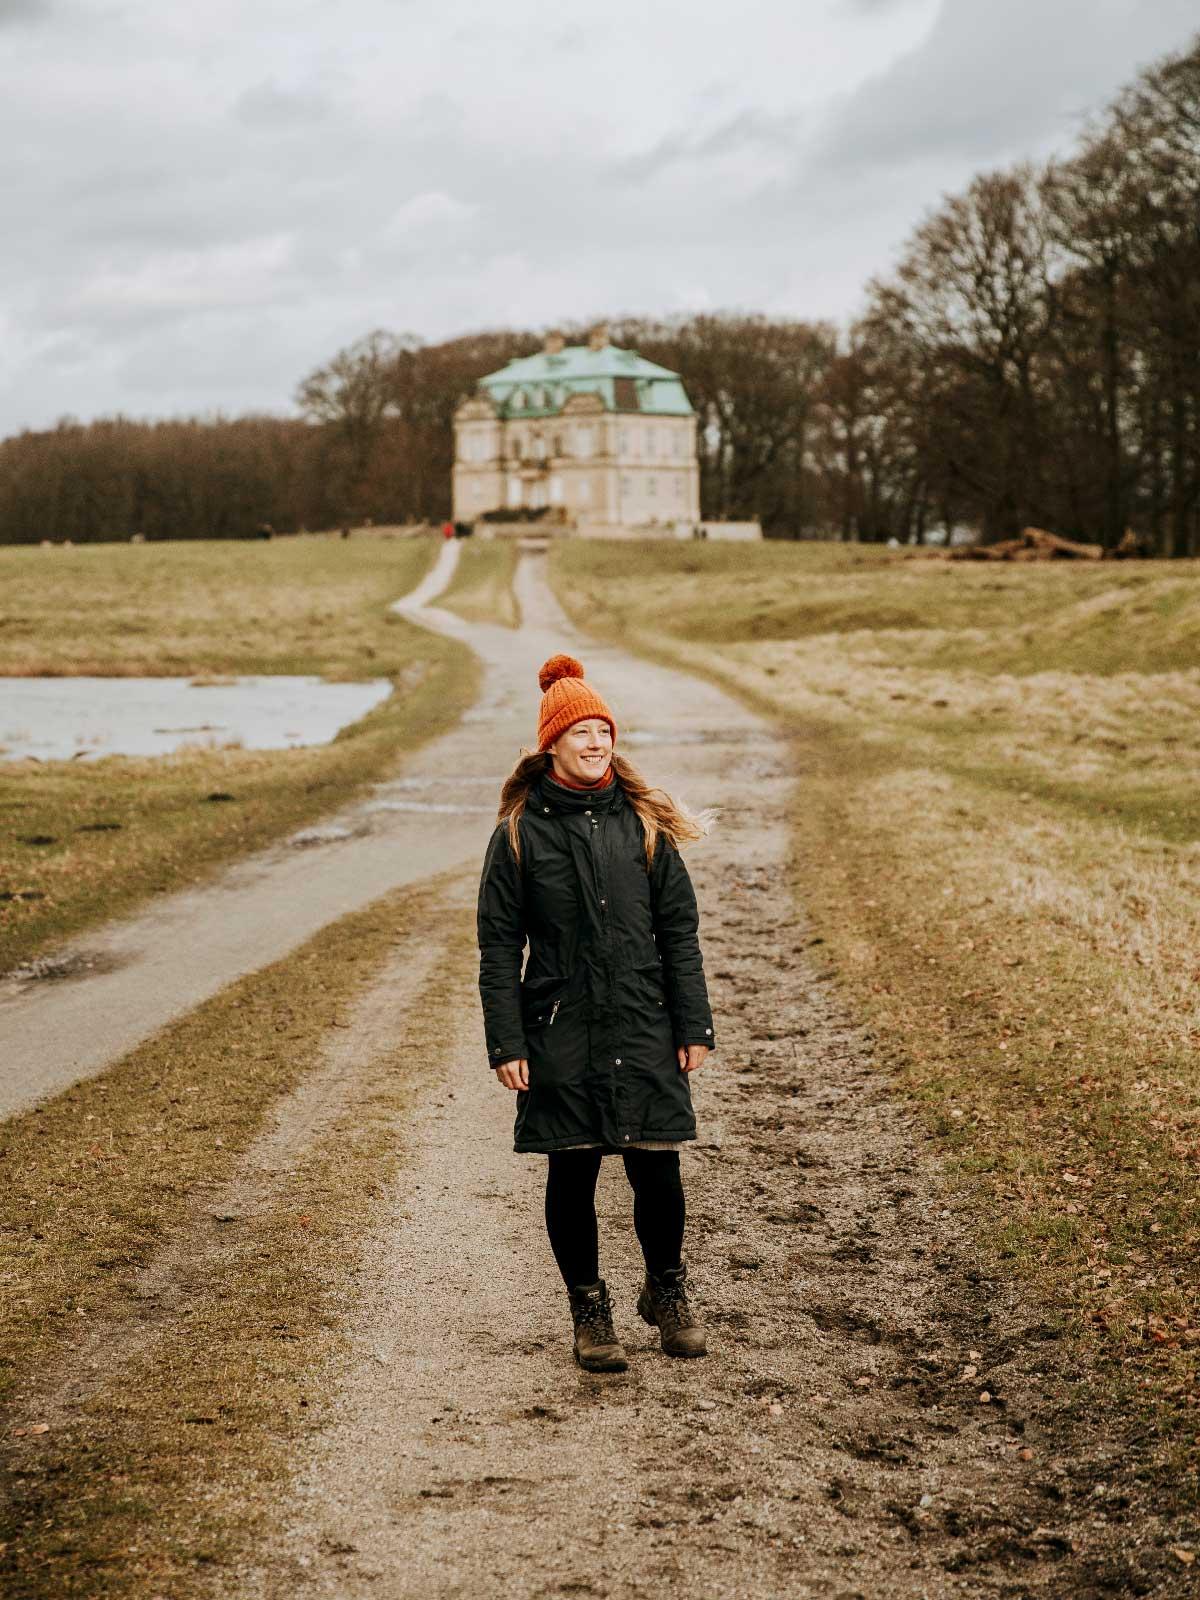 Sarah står på en af parforcejagtvejene med Eremitageslotet i baggrunden.